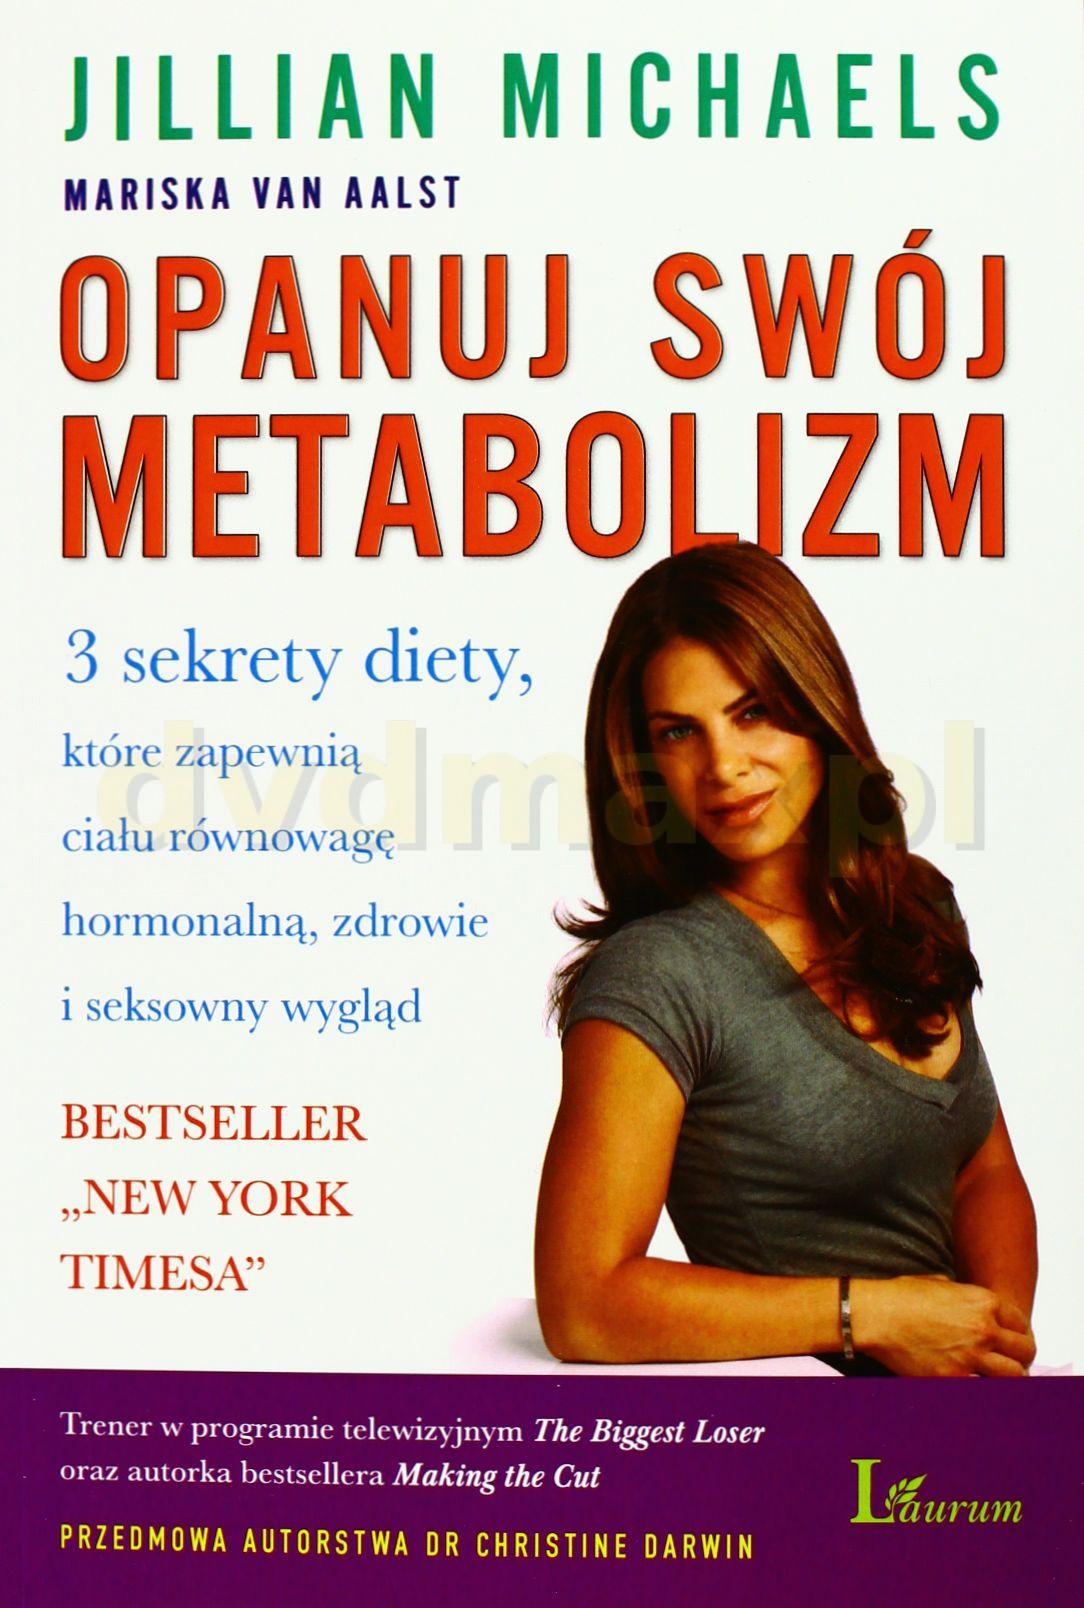 Opanuj Swój Metabolizm - Jillian Michaels, Mariska Van Aalst [KSIĄŻKA] - Michaels Jillian, Mariska Van Aalst